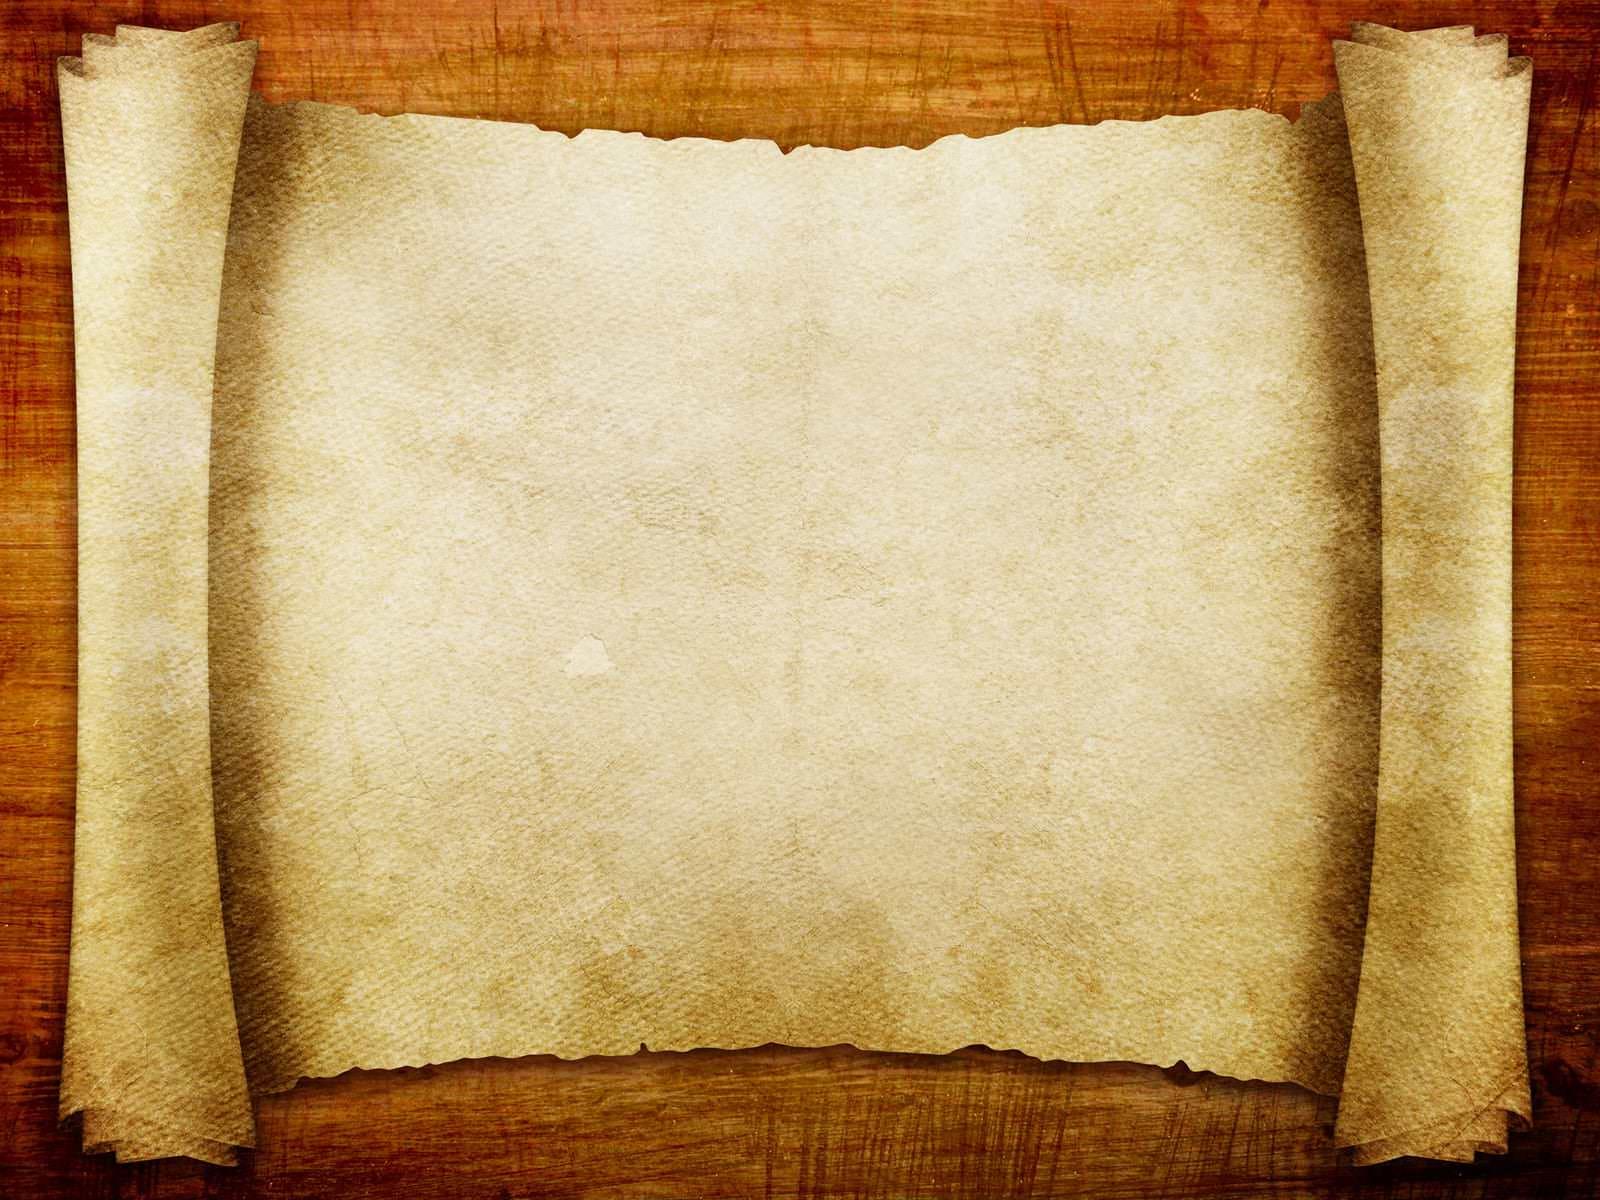 Hình nền powerpoint lịch sử cuộn giấy cũ